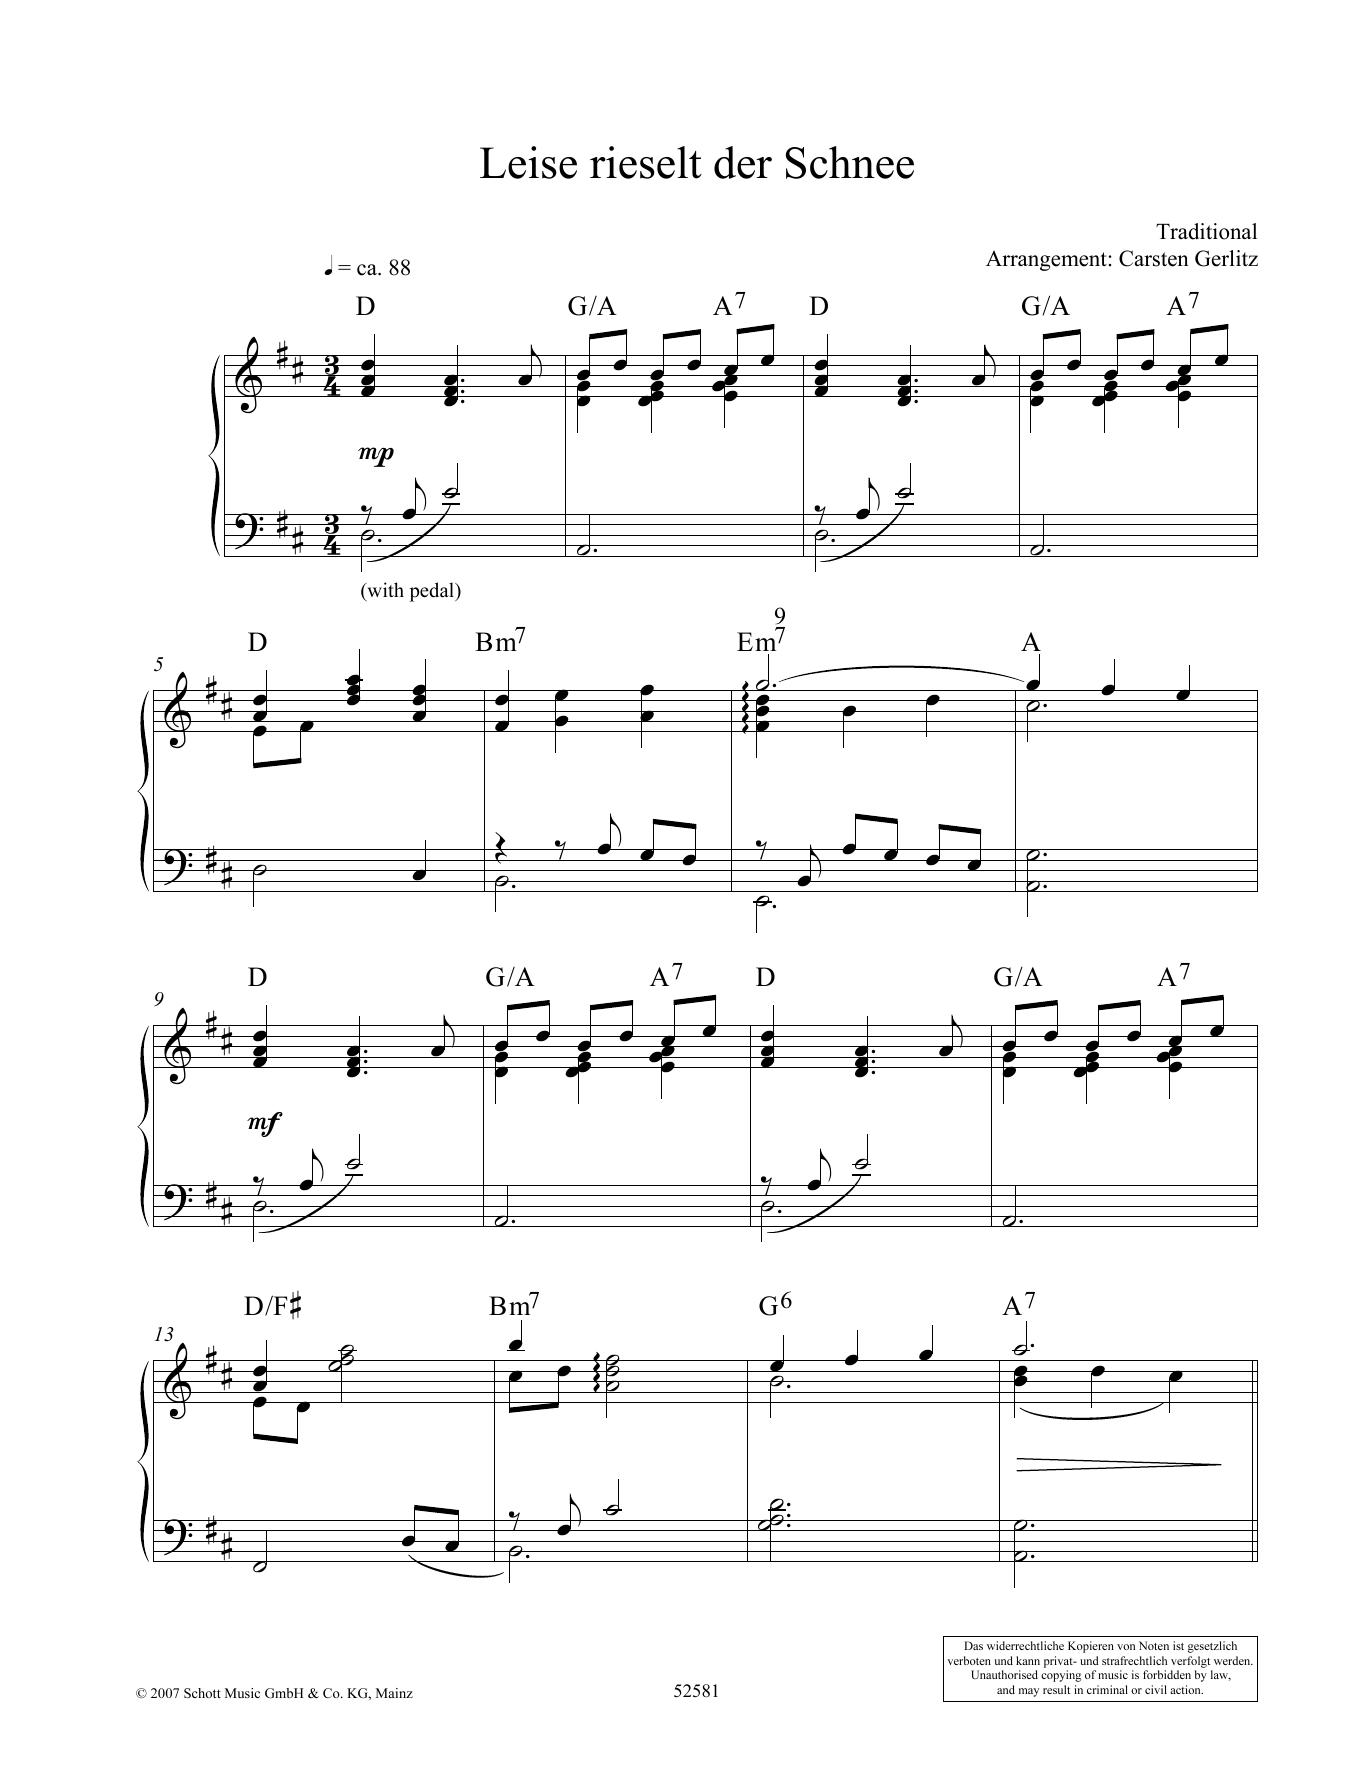 Leise rieselt der Schnee Sheet Music